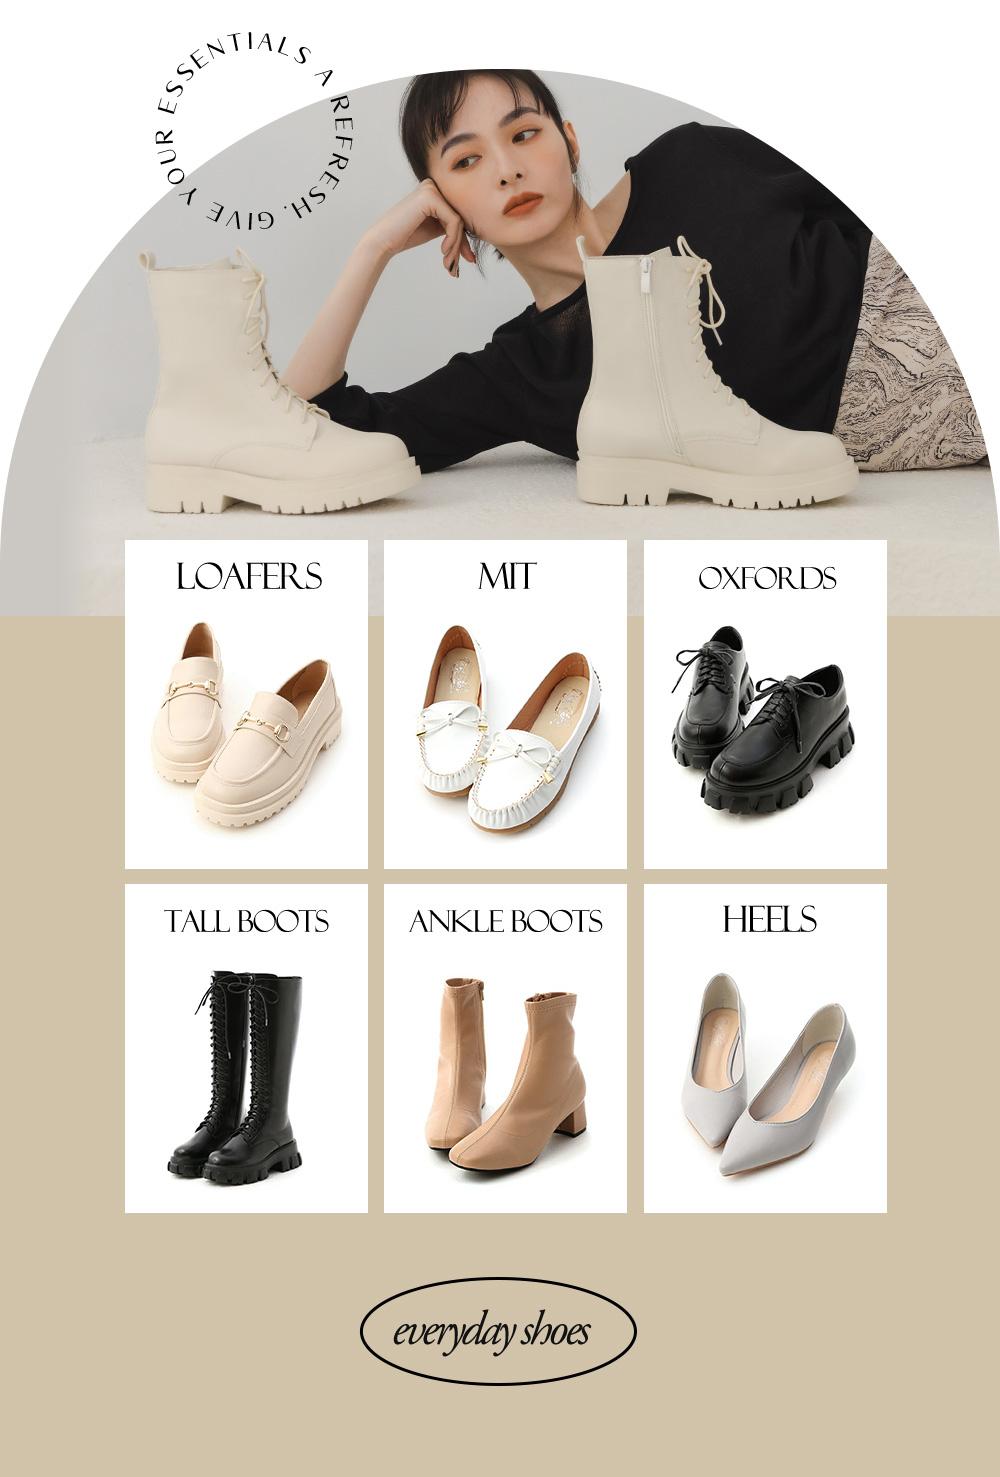 D+AF人氣熱銷鞋款 涼鞋 穆勒鞋 後空鞋 樂福鞋 雨靴 台灣製造女鞋